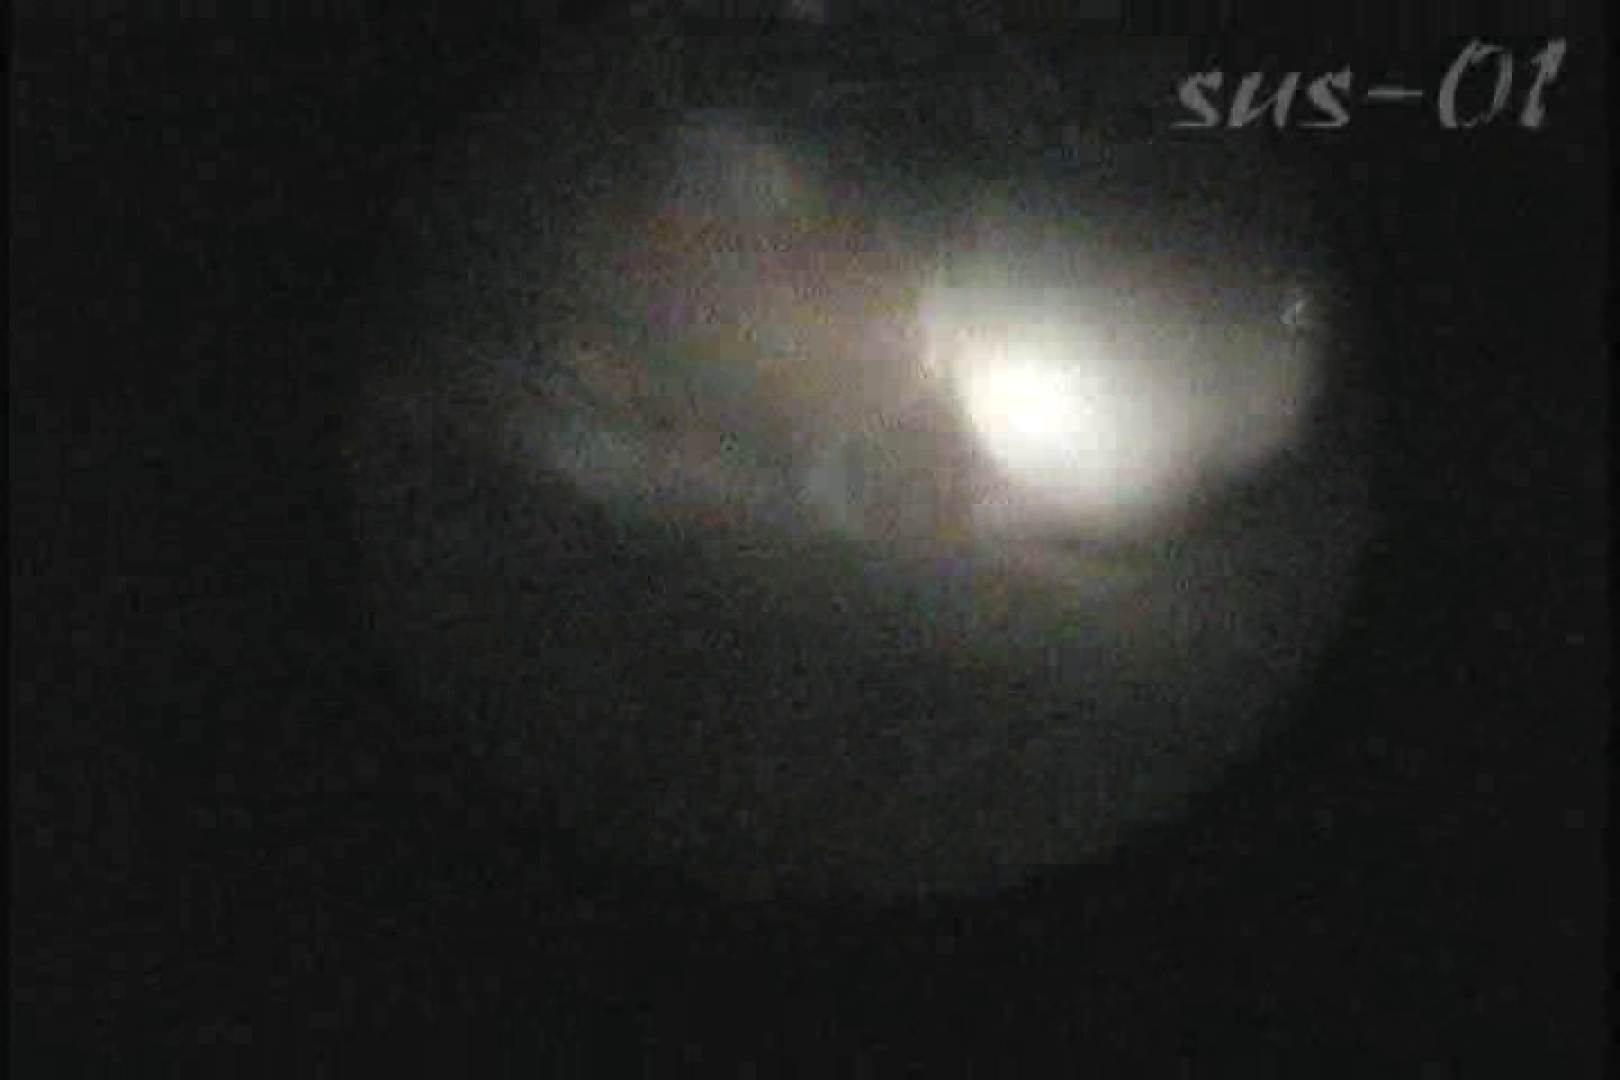 サターンさんのウル技炸裂!!夏乙女★海の家シャワー室絵巻 Vol.01 シャワー  92PIX 62